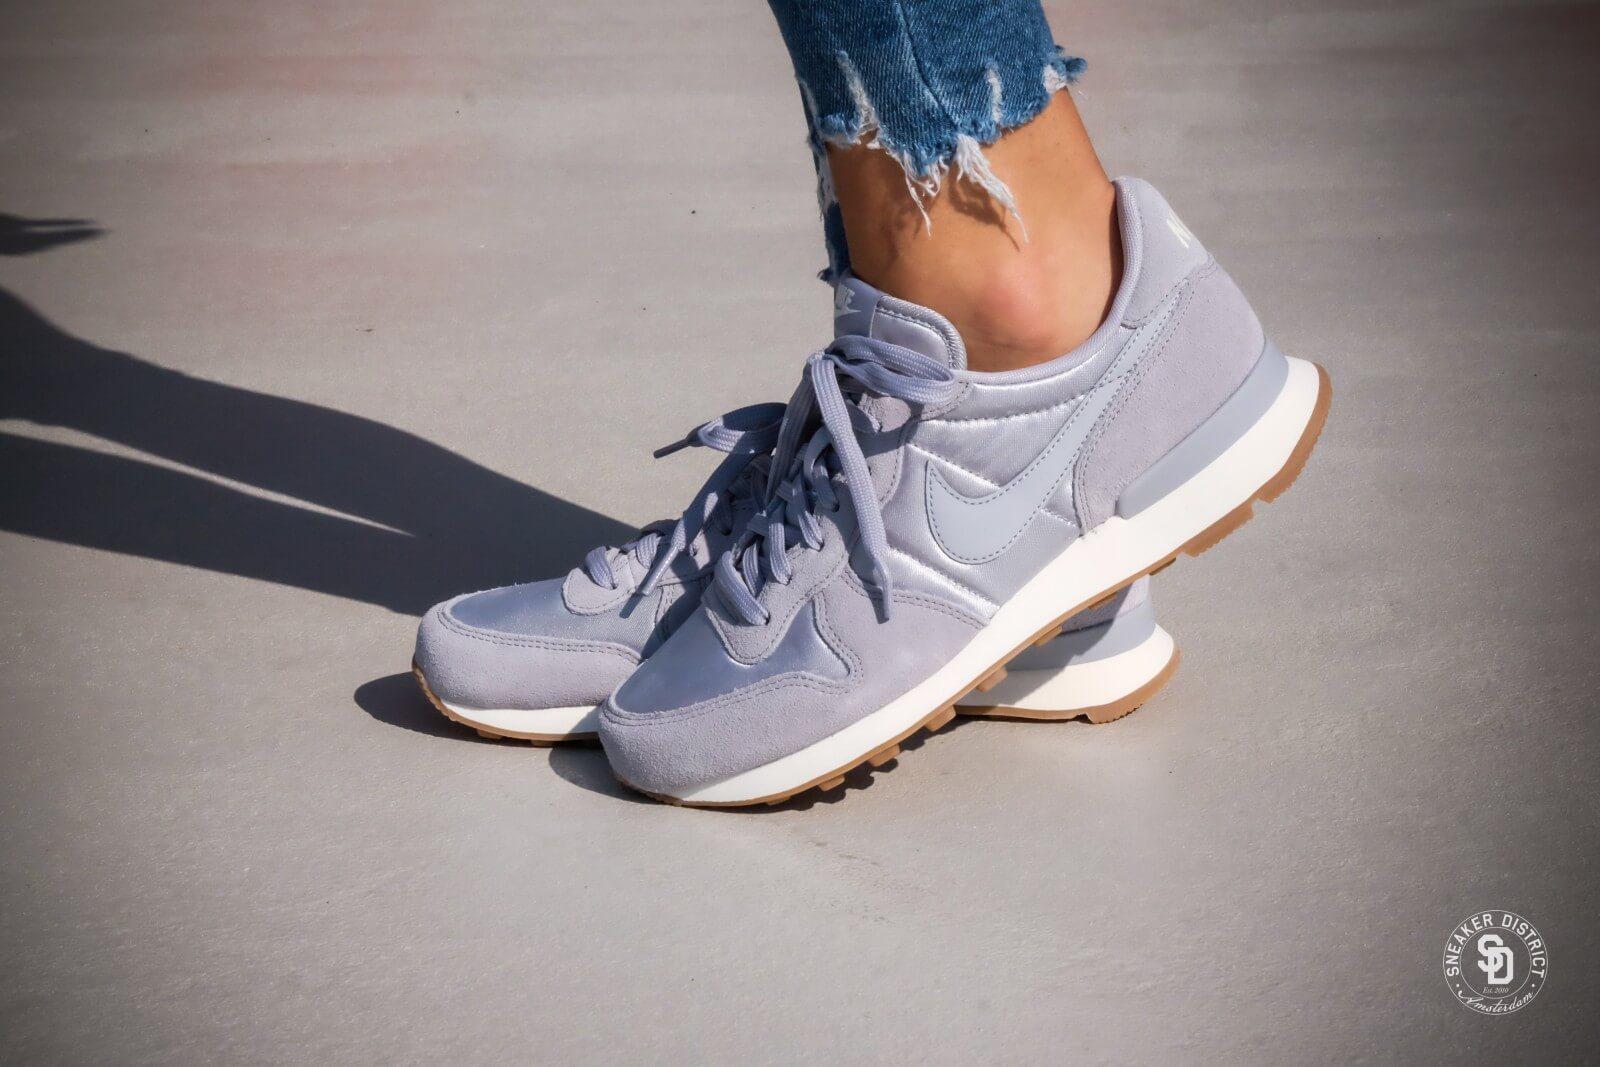 Nike WMNS Internationalist Wolf GreySail Gum 828407 018